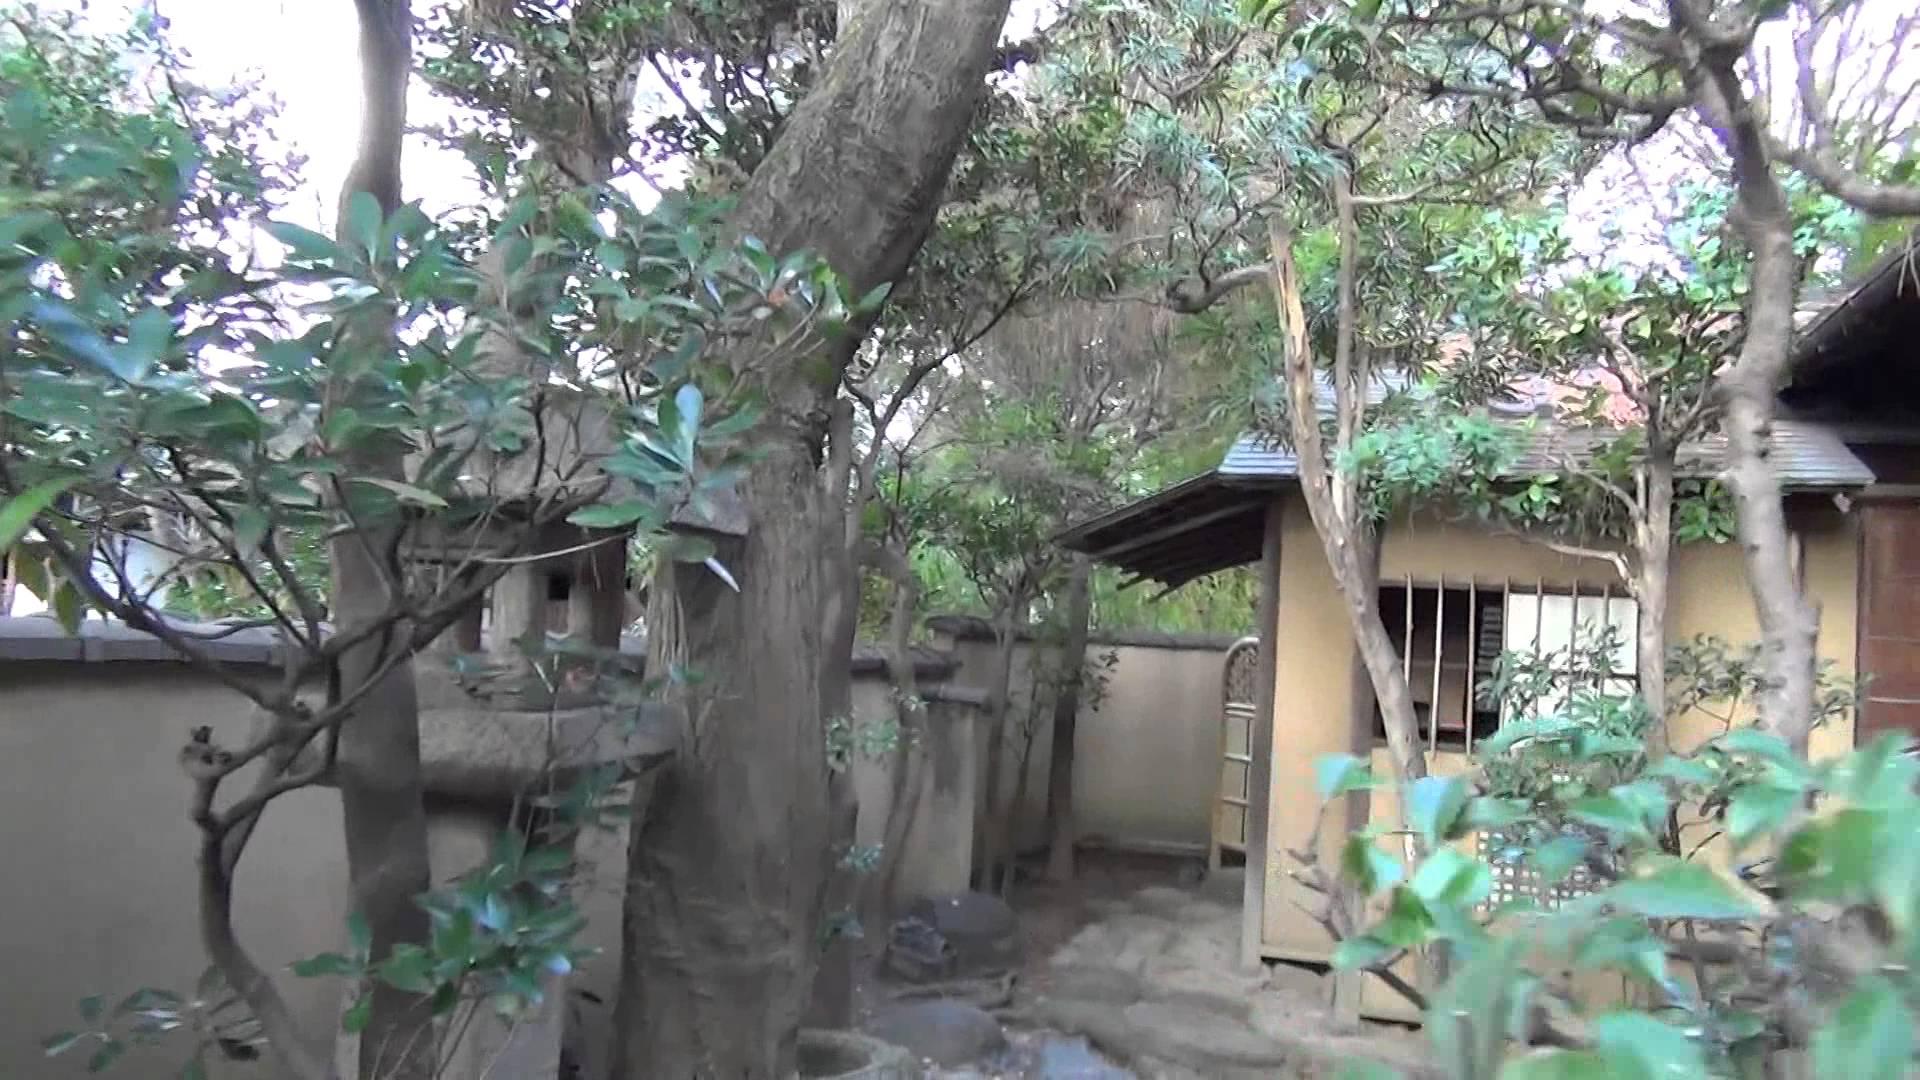 八坂の塔(法観寺)編5 境内にある茶室などの建造物を見て回った